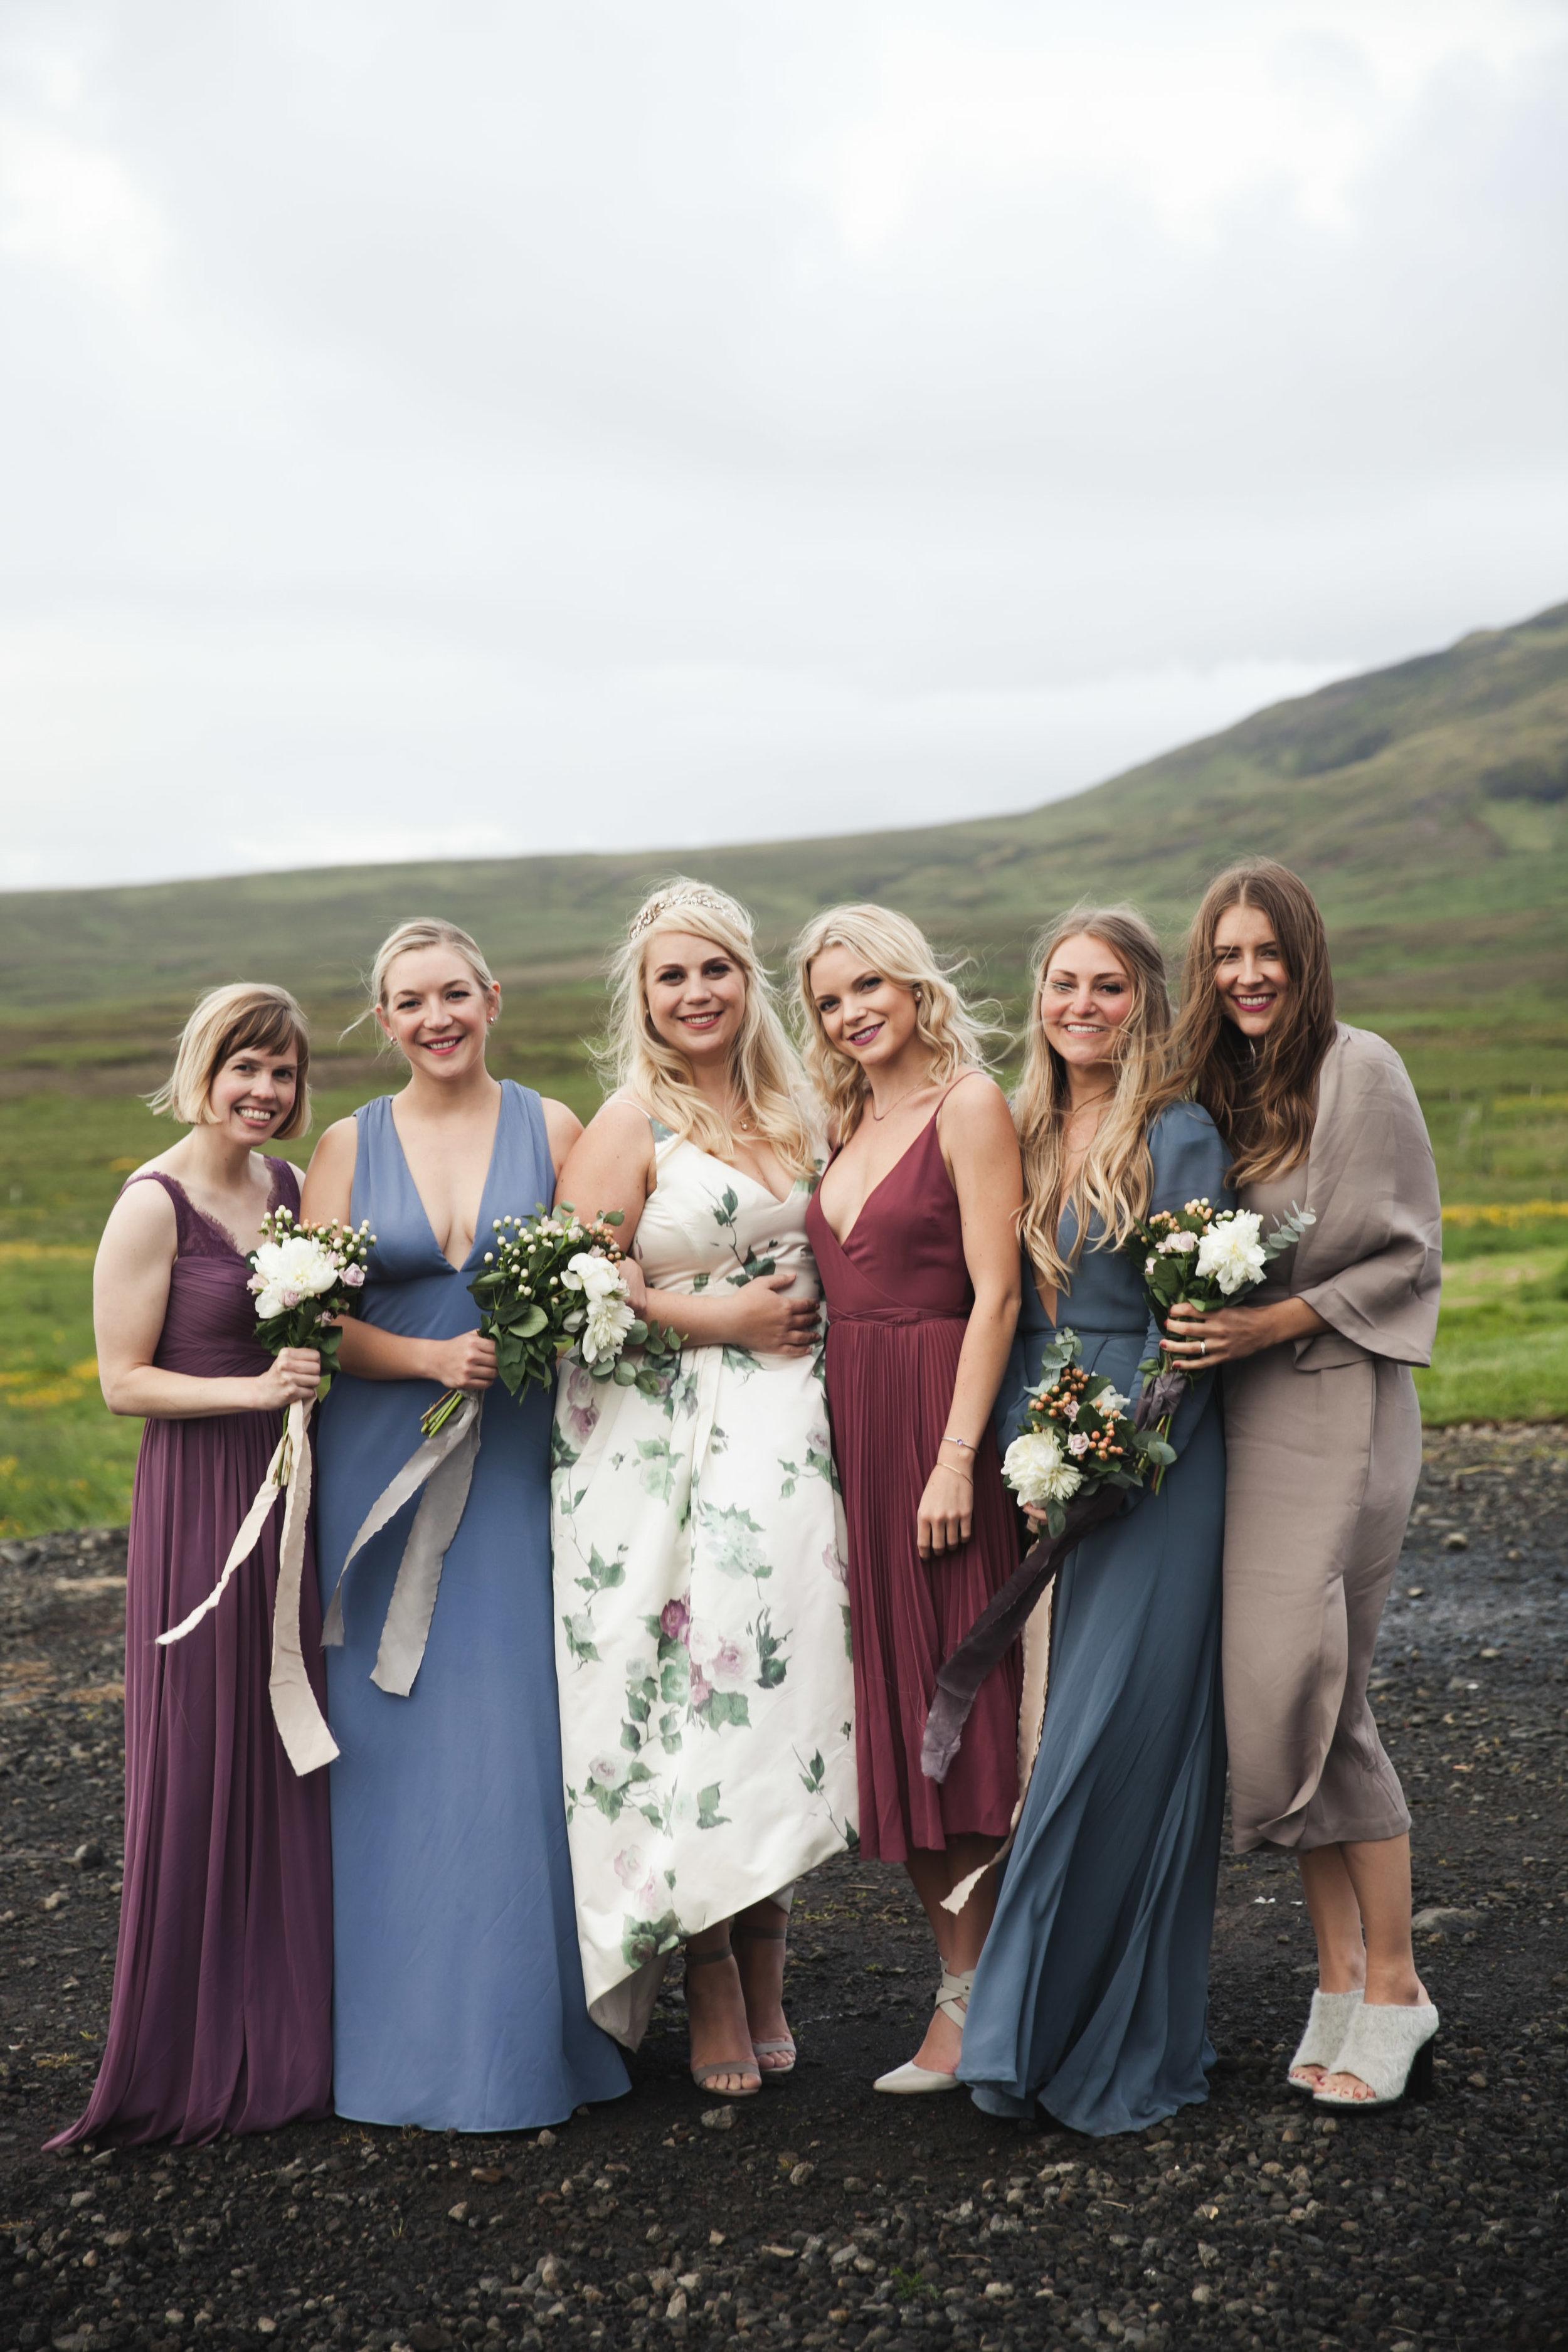 LisaDiederichPhotography_IcelandWedding_Kelsey&Zack-45.jpg